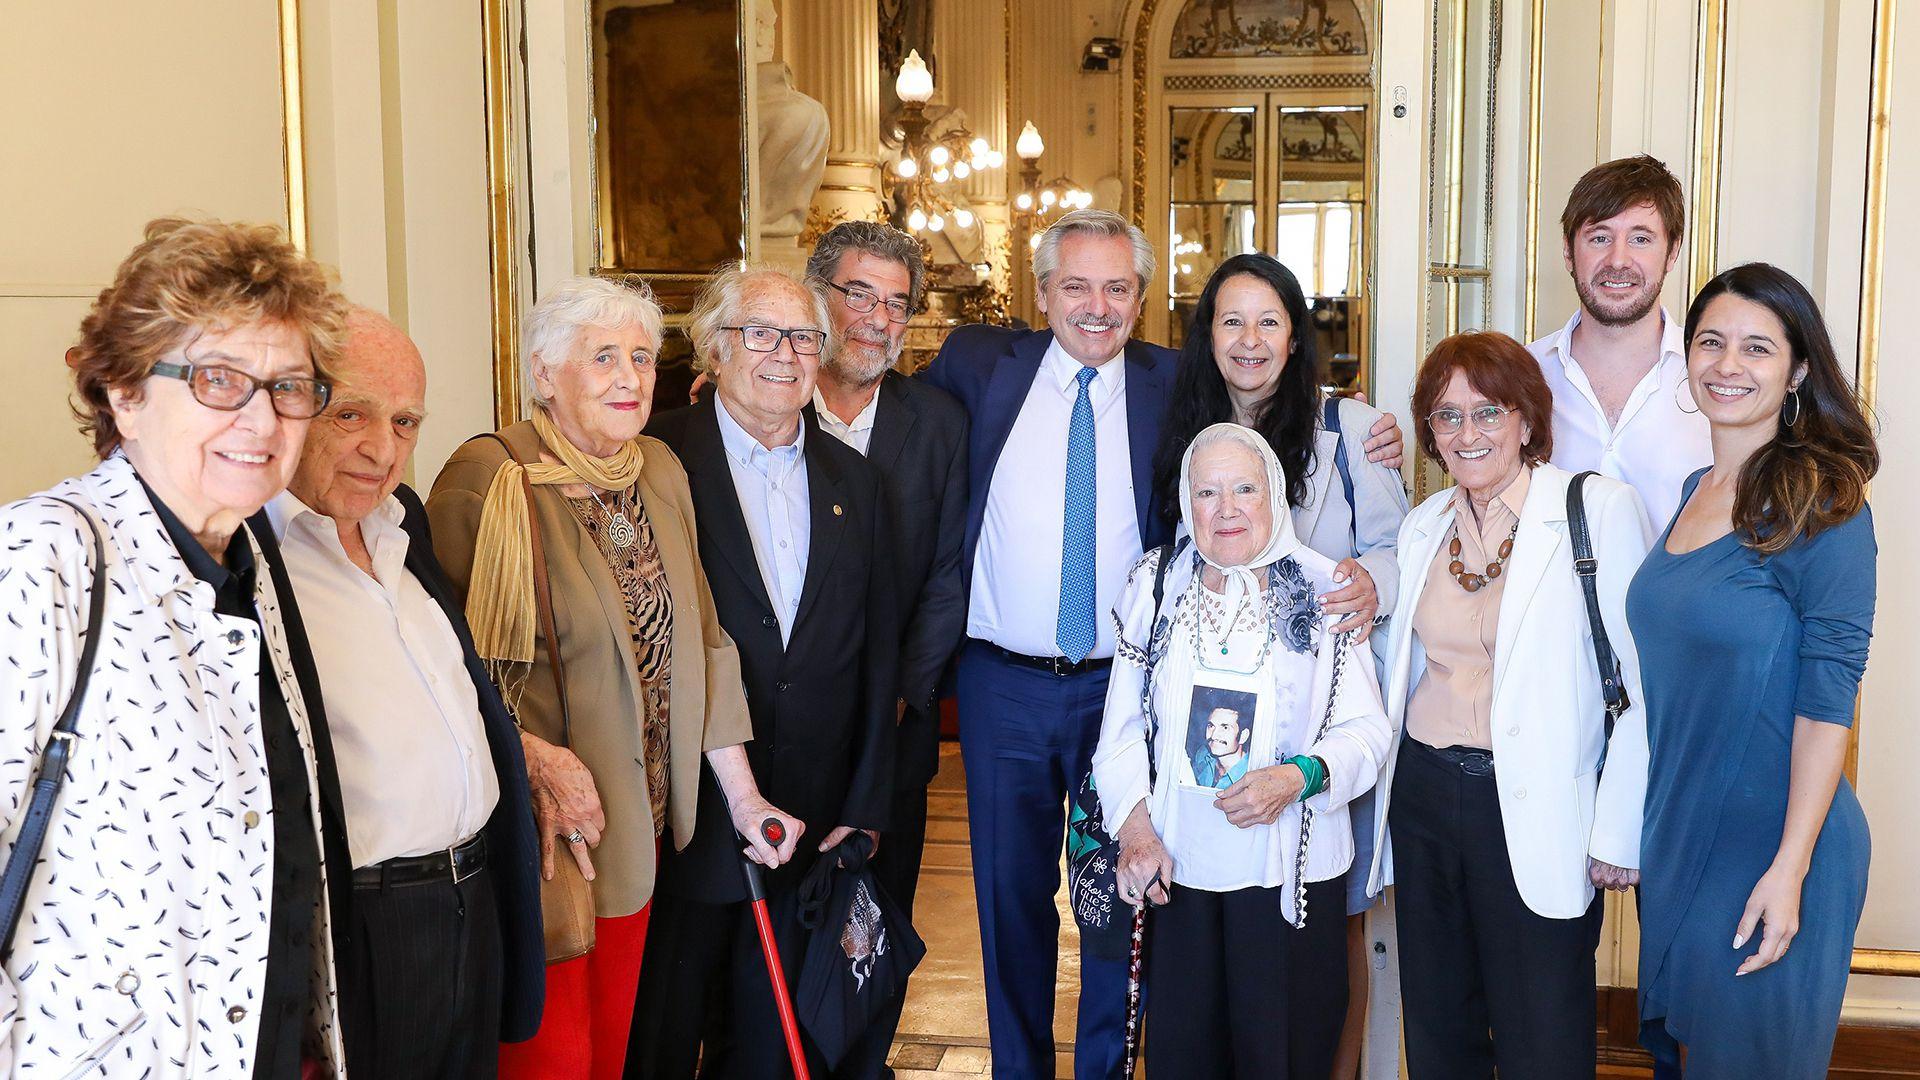 Alberto Fernández recibió a representantes de organismos de Derechos Humanos - Adolfo Pérez Esquivel, Nora Cortiñas, Ana María Careaga y Beinusz Szmukler